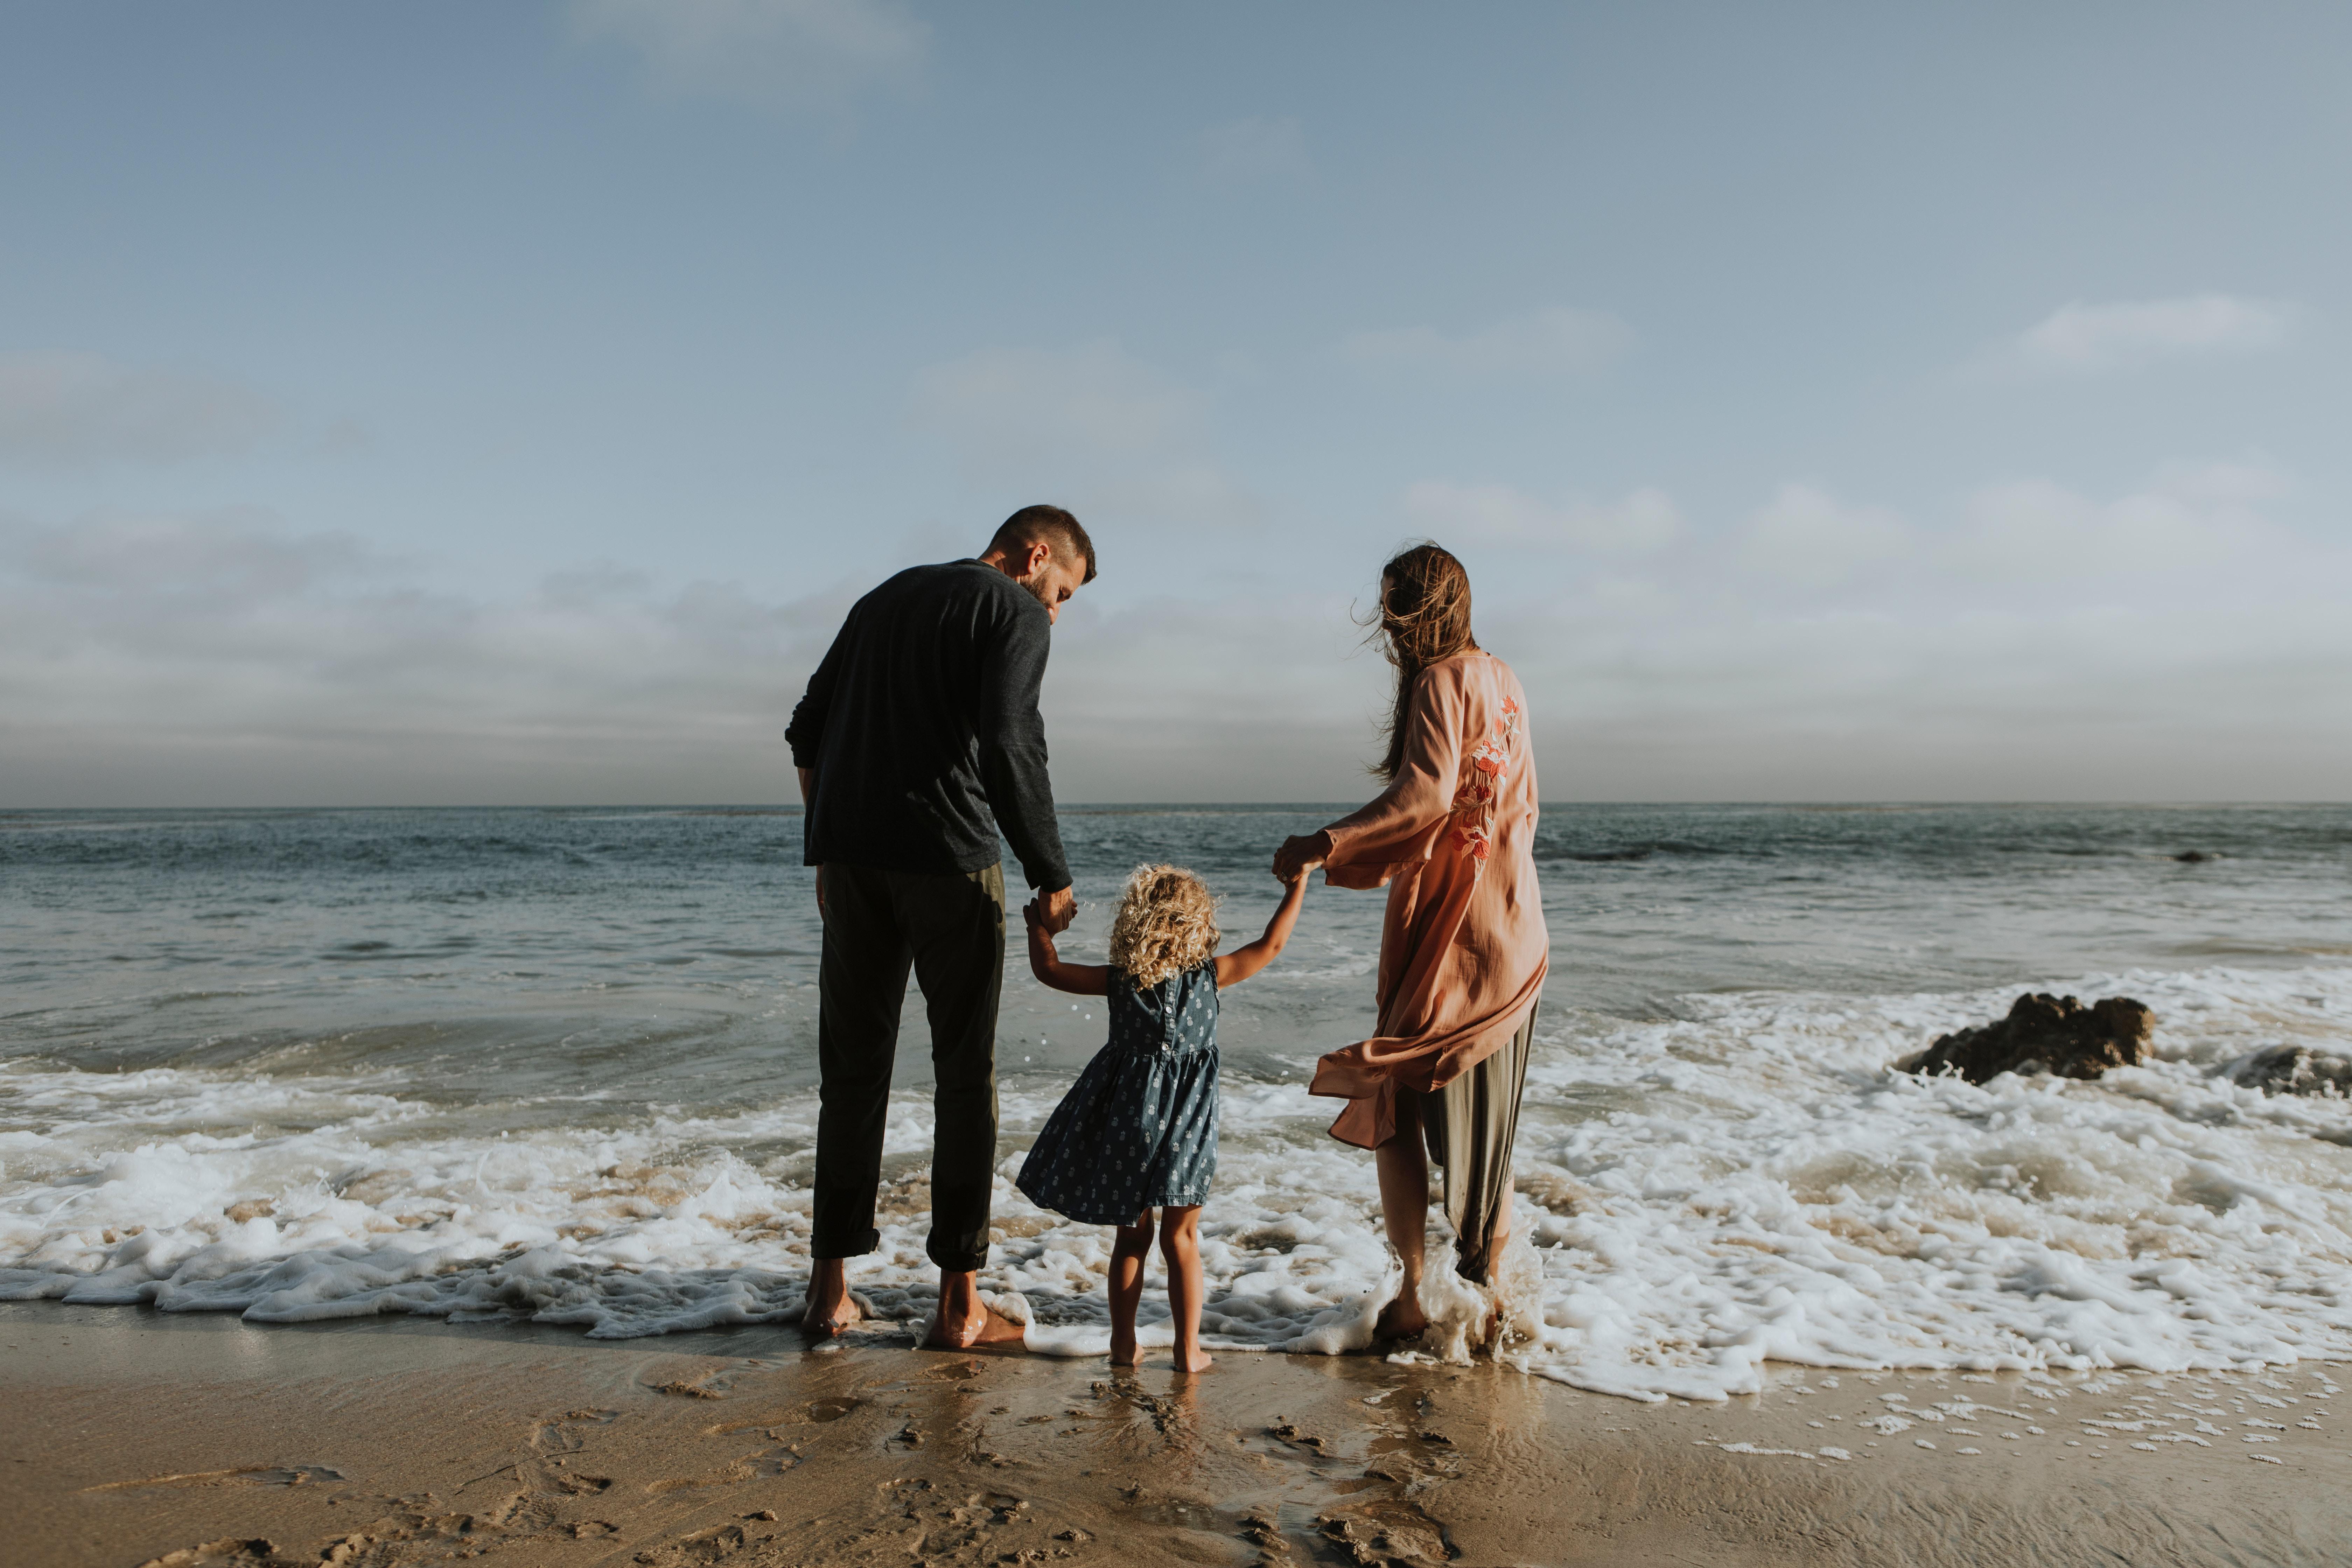 Krankenkasse Beratung Familie am Meer